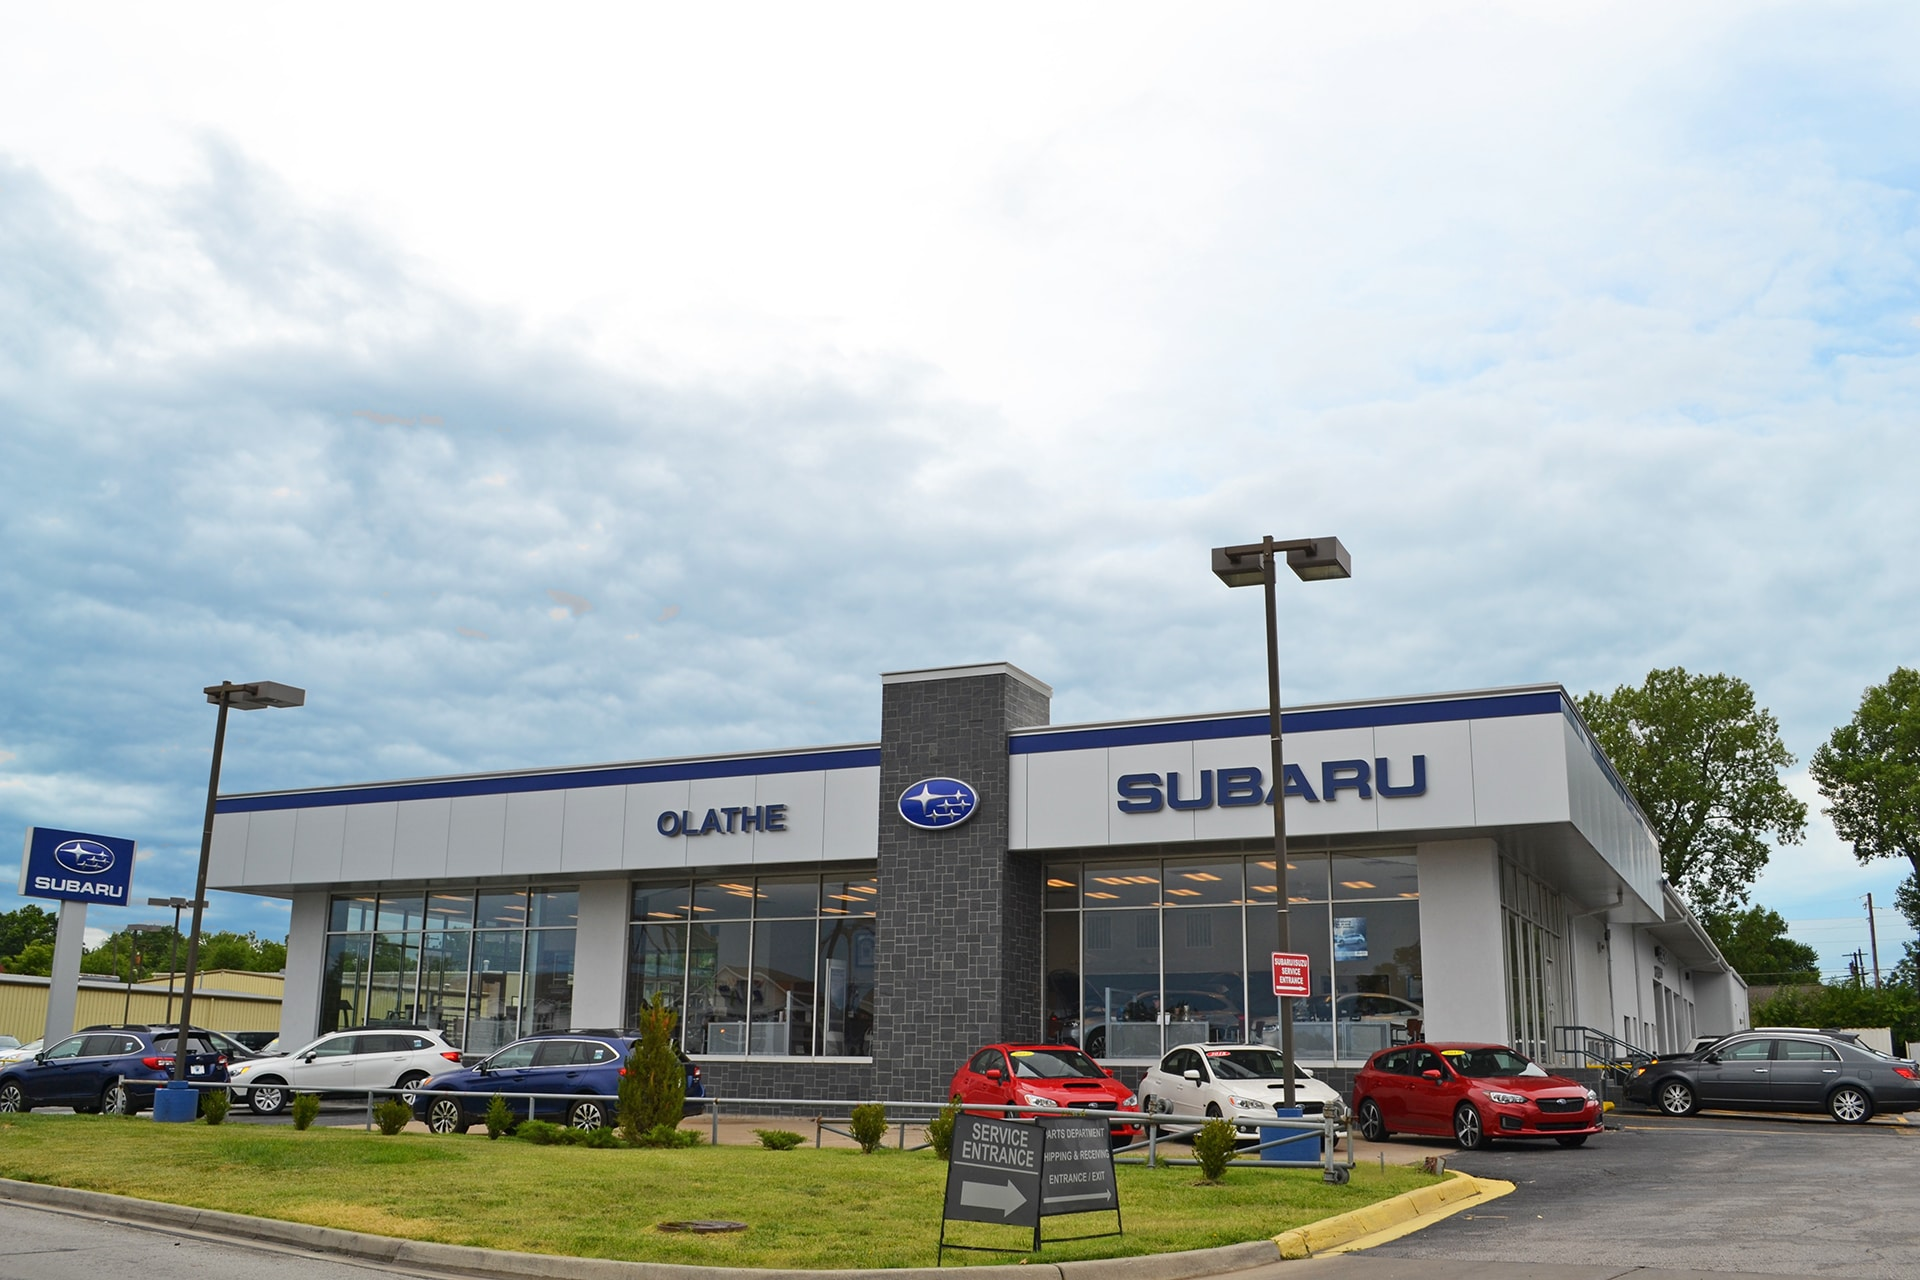 Olathe Subaru   New & Used Cars serving Kansas City MO